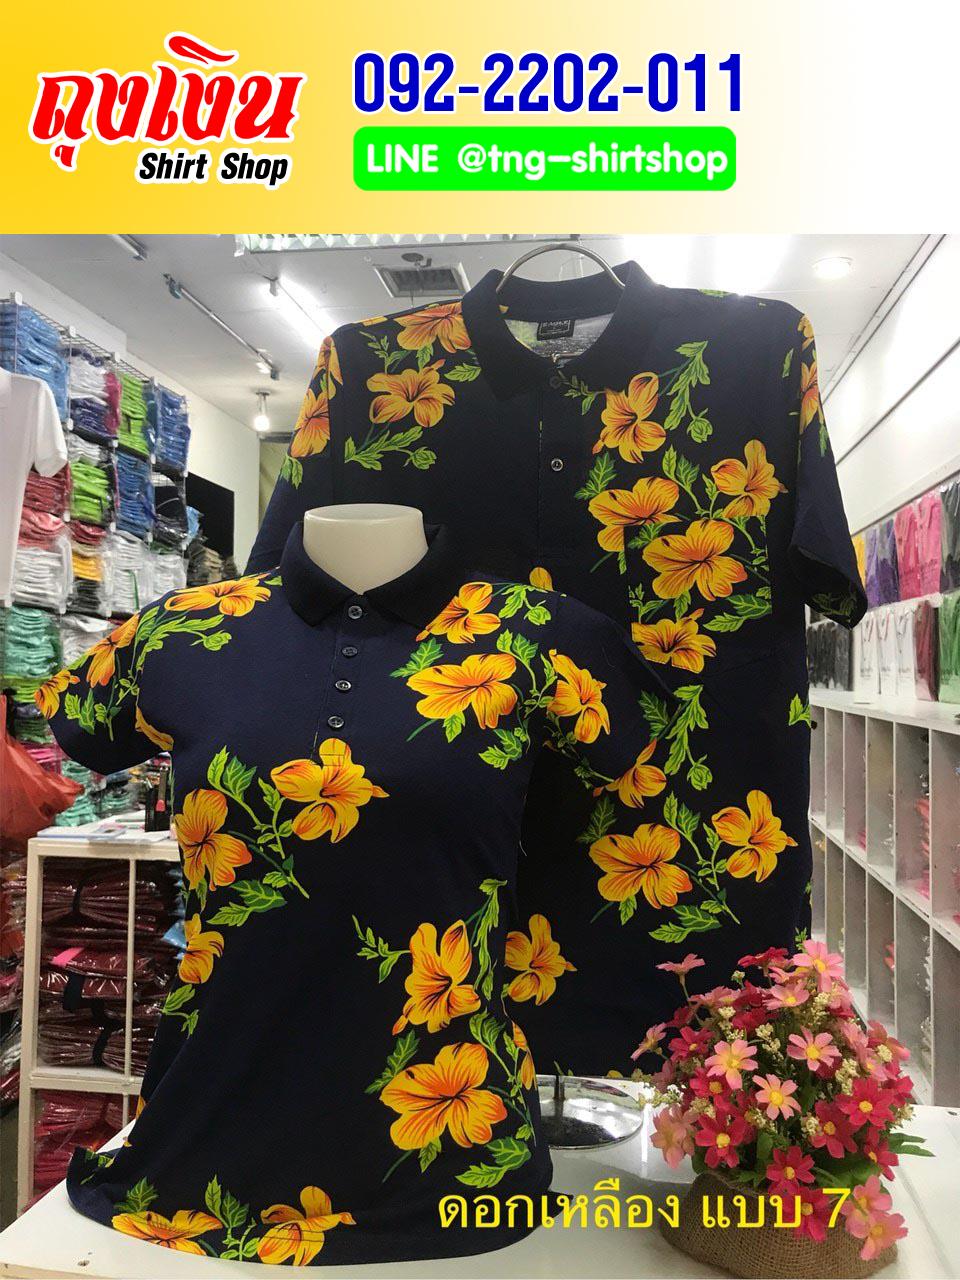 เสื้อโปโลลายดอก ดอกชบาเหลือง เนื้อผ้า COTTON100% เหลือ SIZE ชาย M